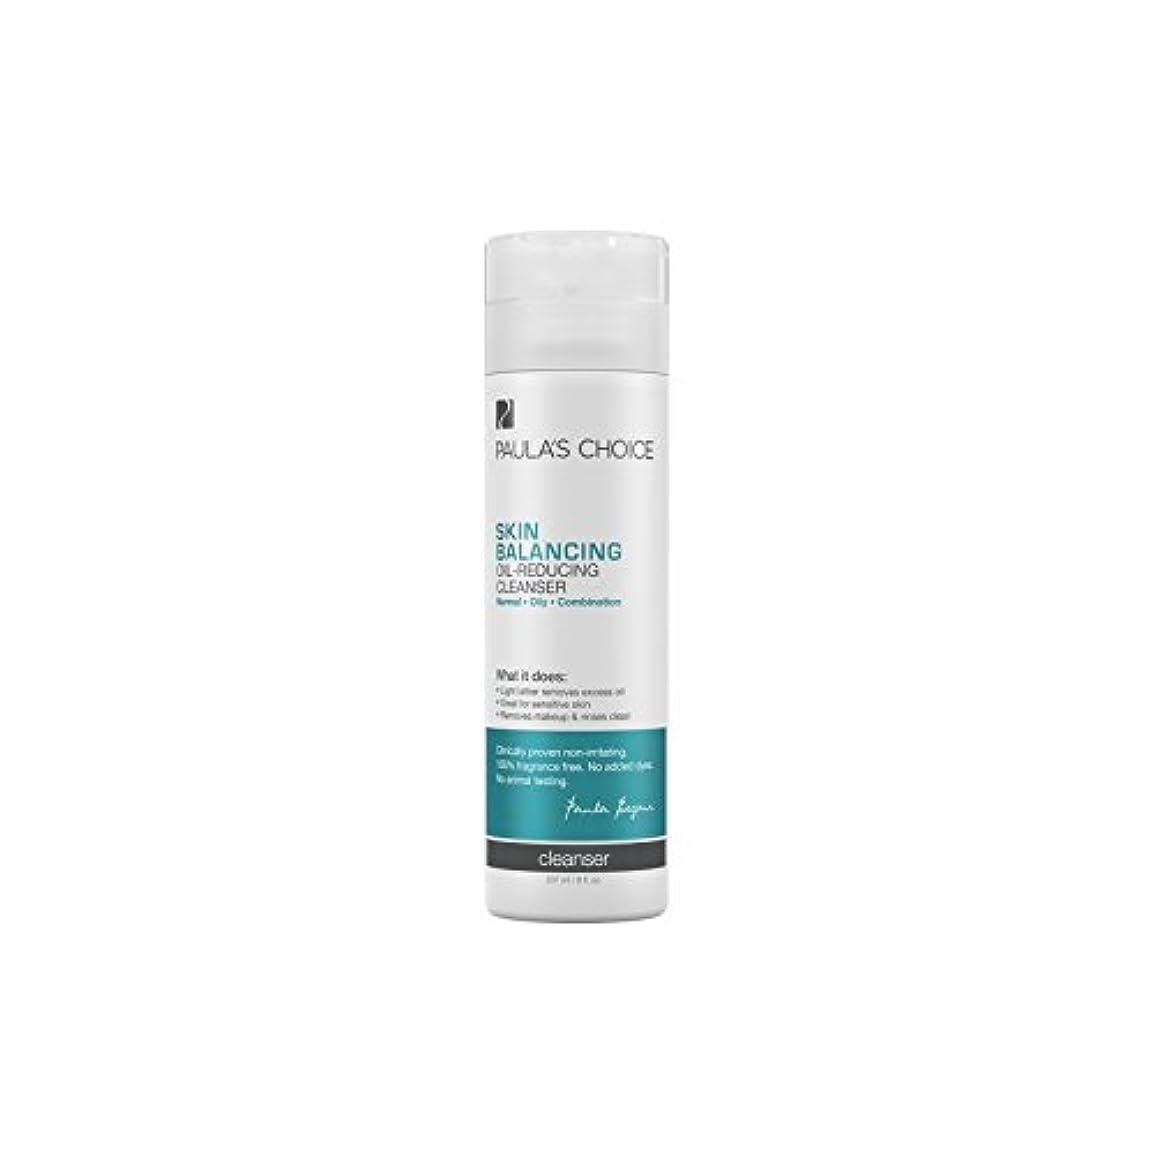 どこかポーチ尾Paula's Choice Skin Balancing Oil-Reducing Cleanser (237ml) - ポーラチョイスの肌のバランスオイル低減クレンザー(237ミリリットル) [並行輸入品]